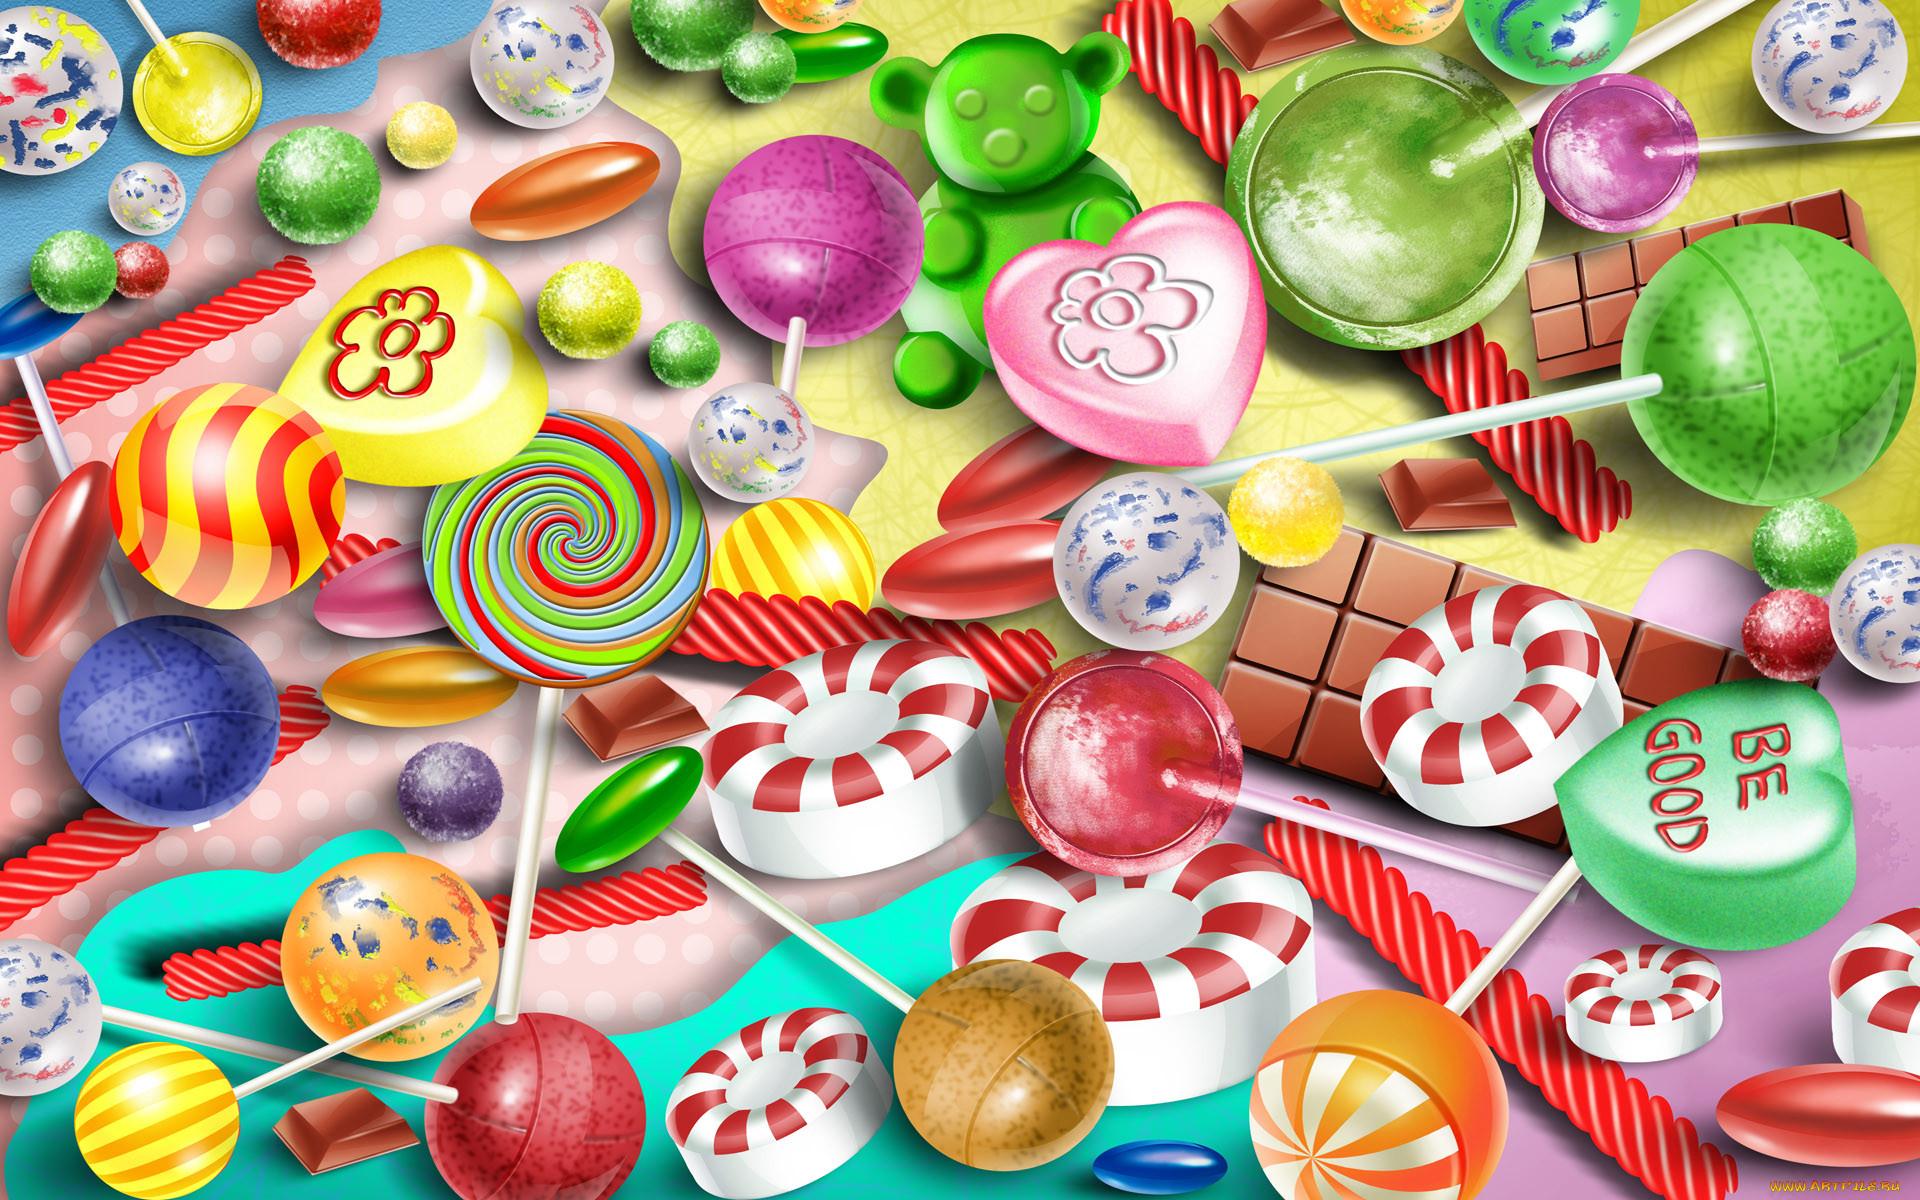 открытками игрушками или атрибутикой палочки пиву духовке